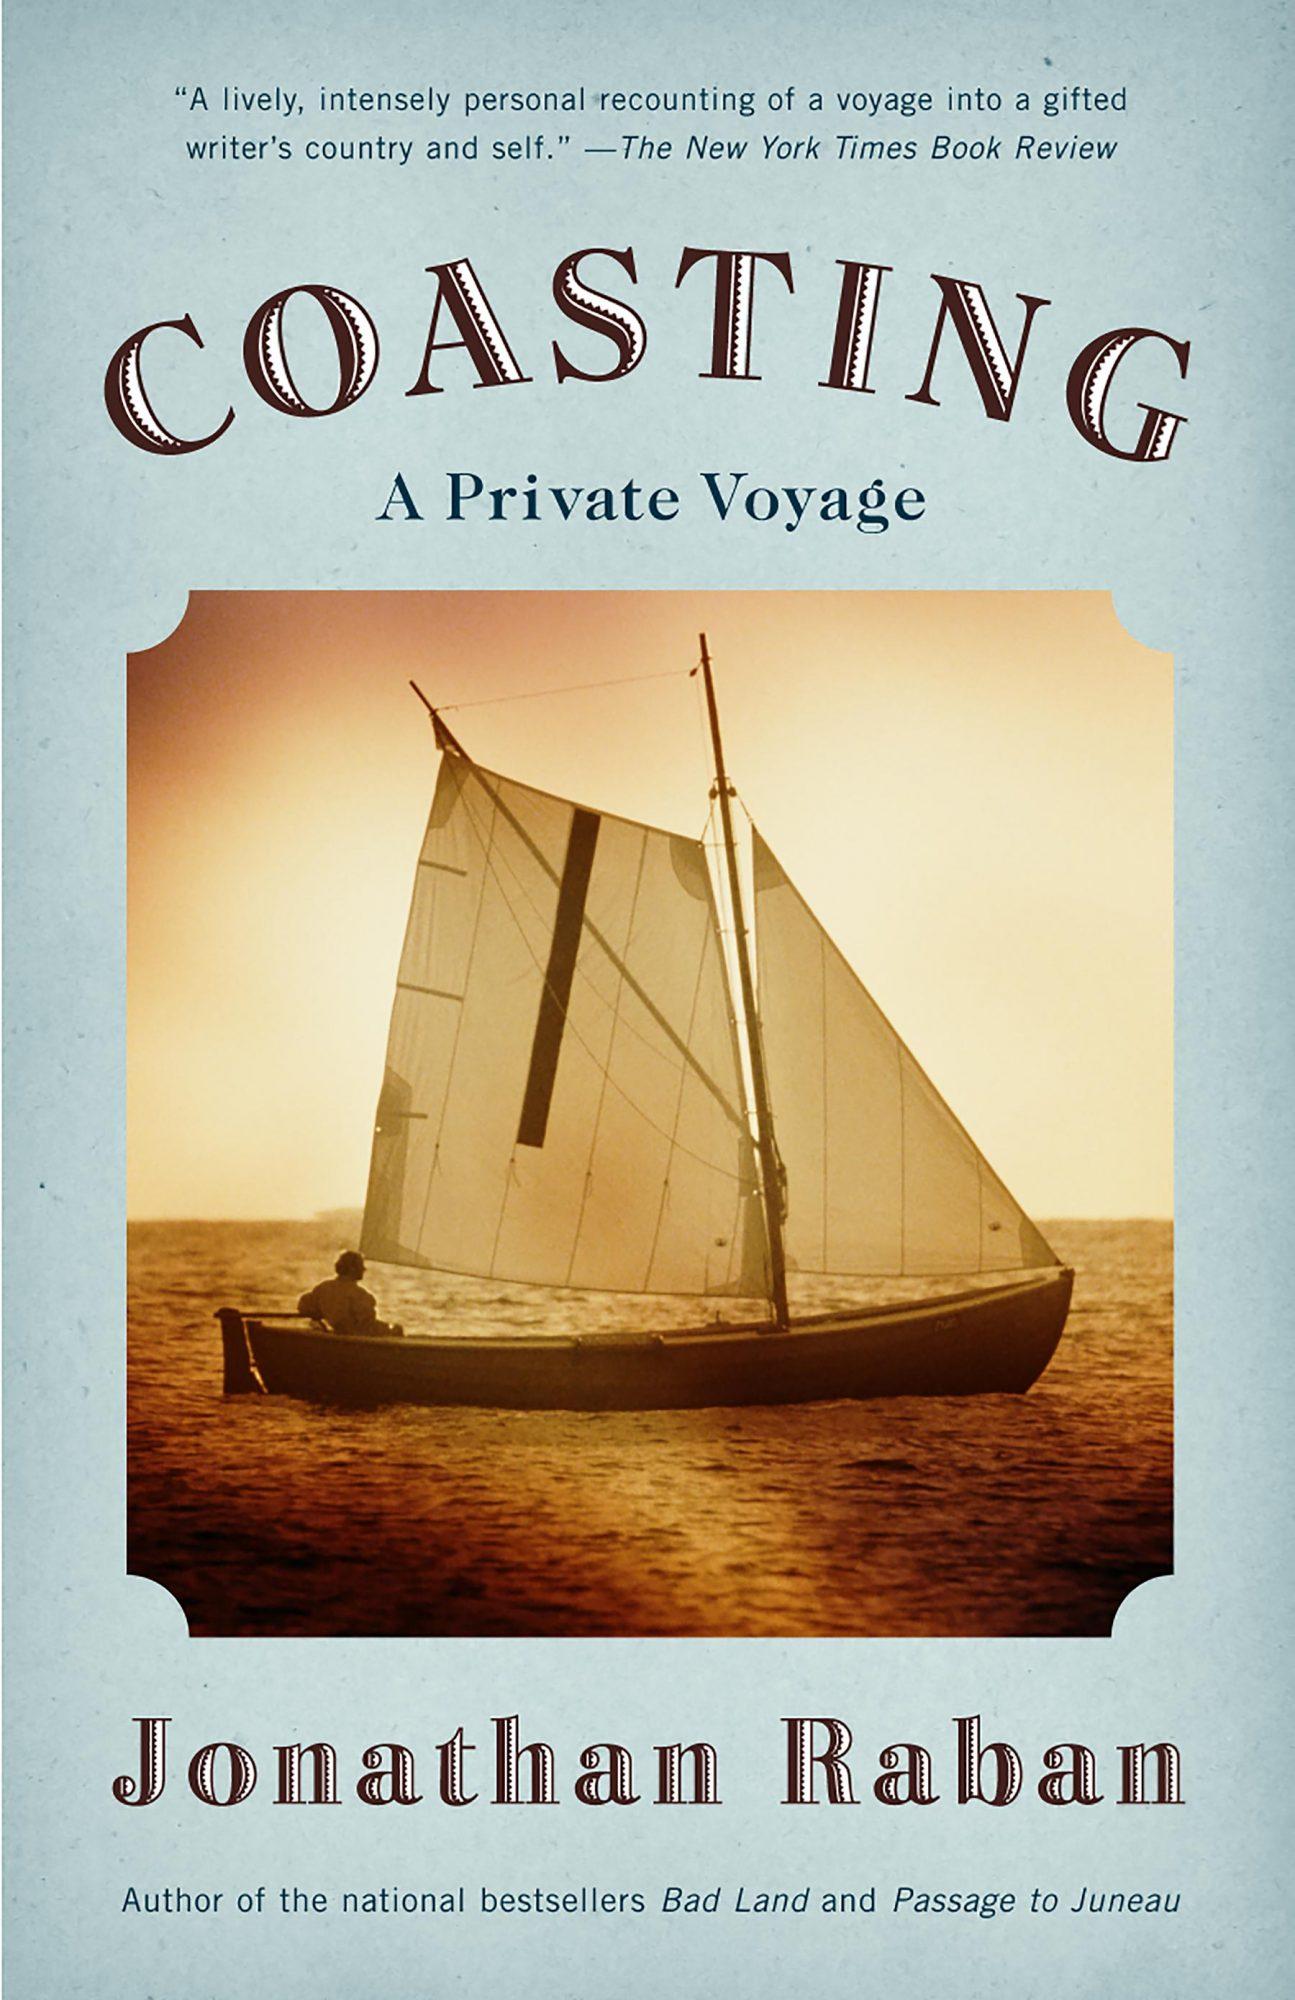 CoastingBook by Jonathan Raban CR: Simon & Schuster